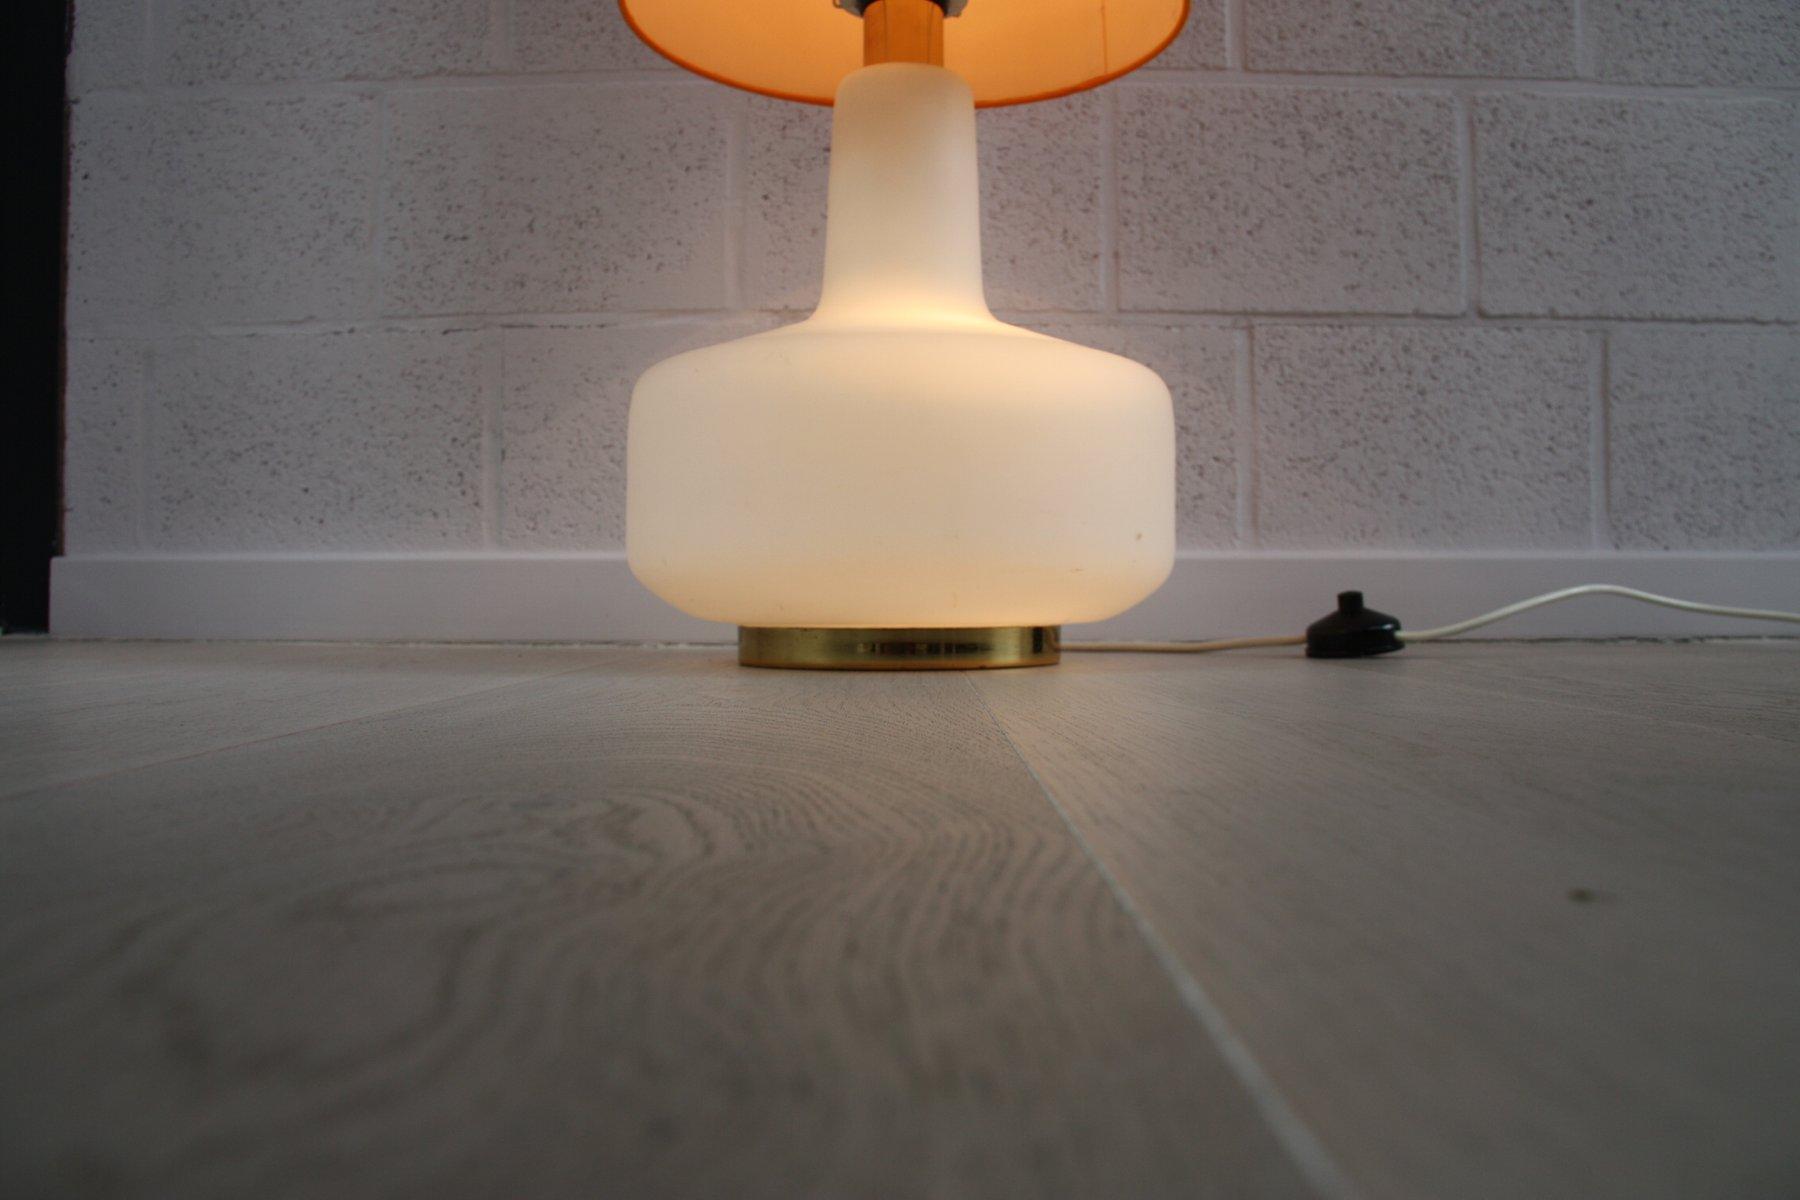 vintage-xl-stehlampe-aus-weissglas-mit-orangenfarbenem-schirm-1960er-10 Faszinierend Stehlampe Studio Schwarz Gold Dekorationen